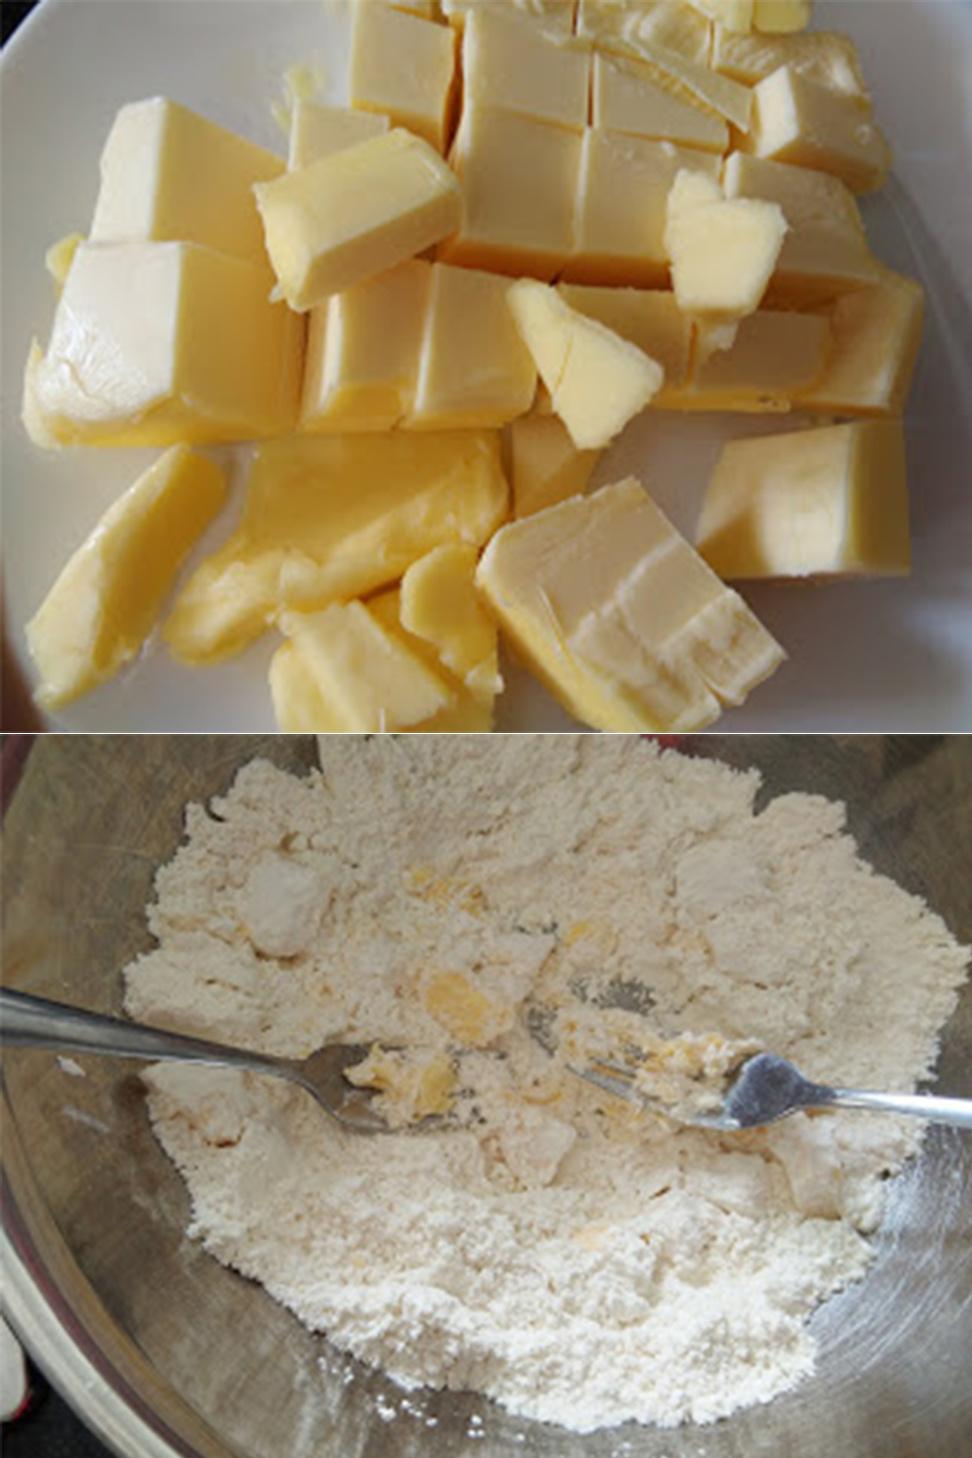 Công thức bánh tart táo 01 công thức bánh tart táo Công thức bánh tart táo truyền thống cho người mới làm bánh cong thuc banh tart tao 01